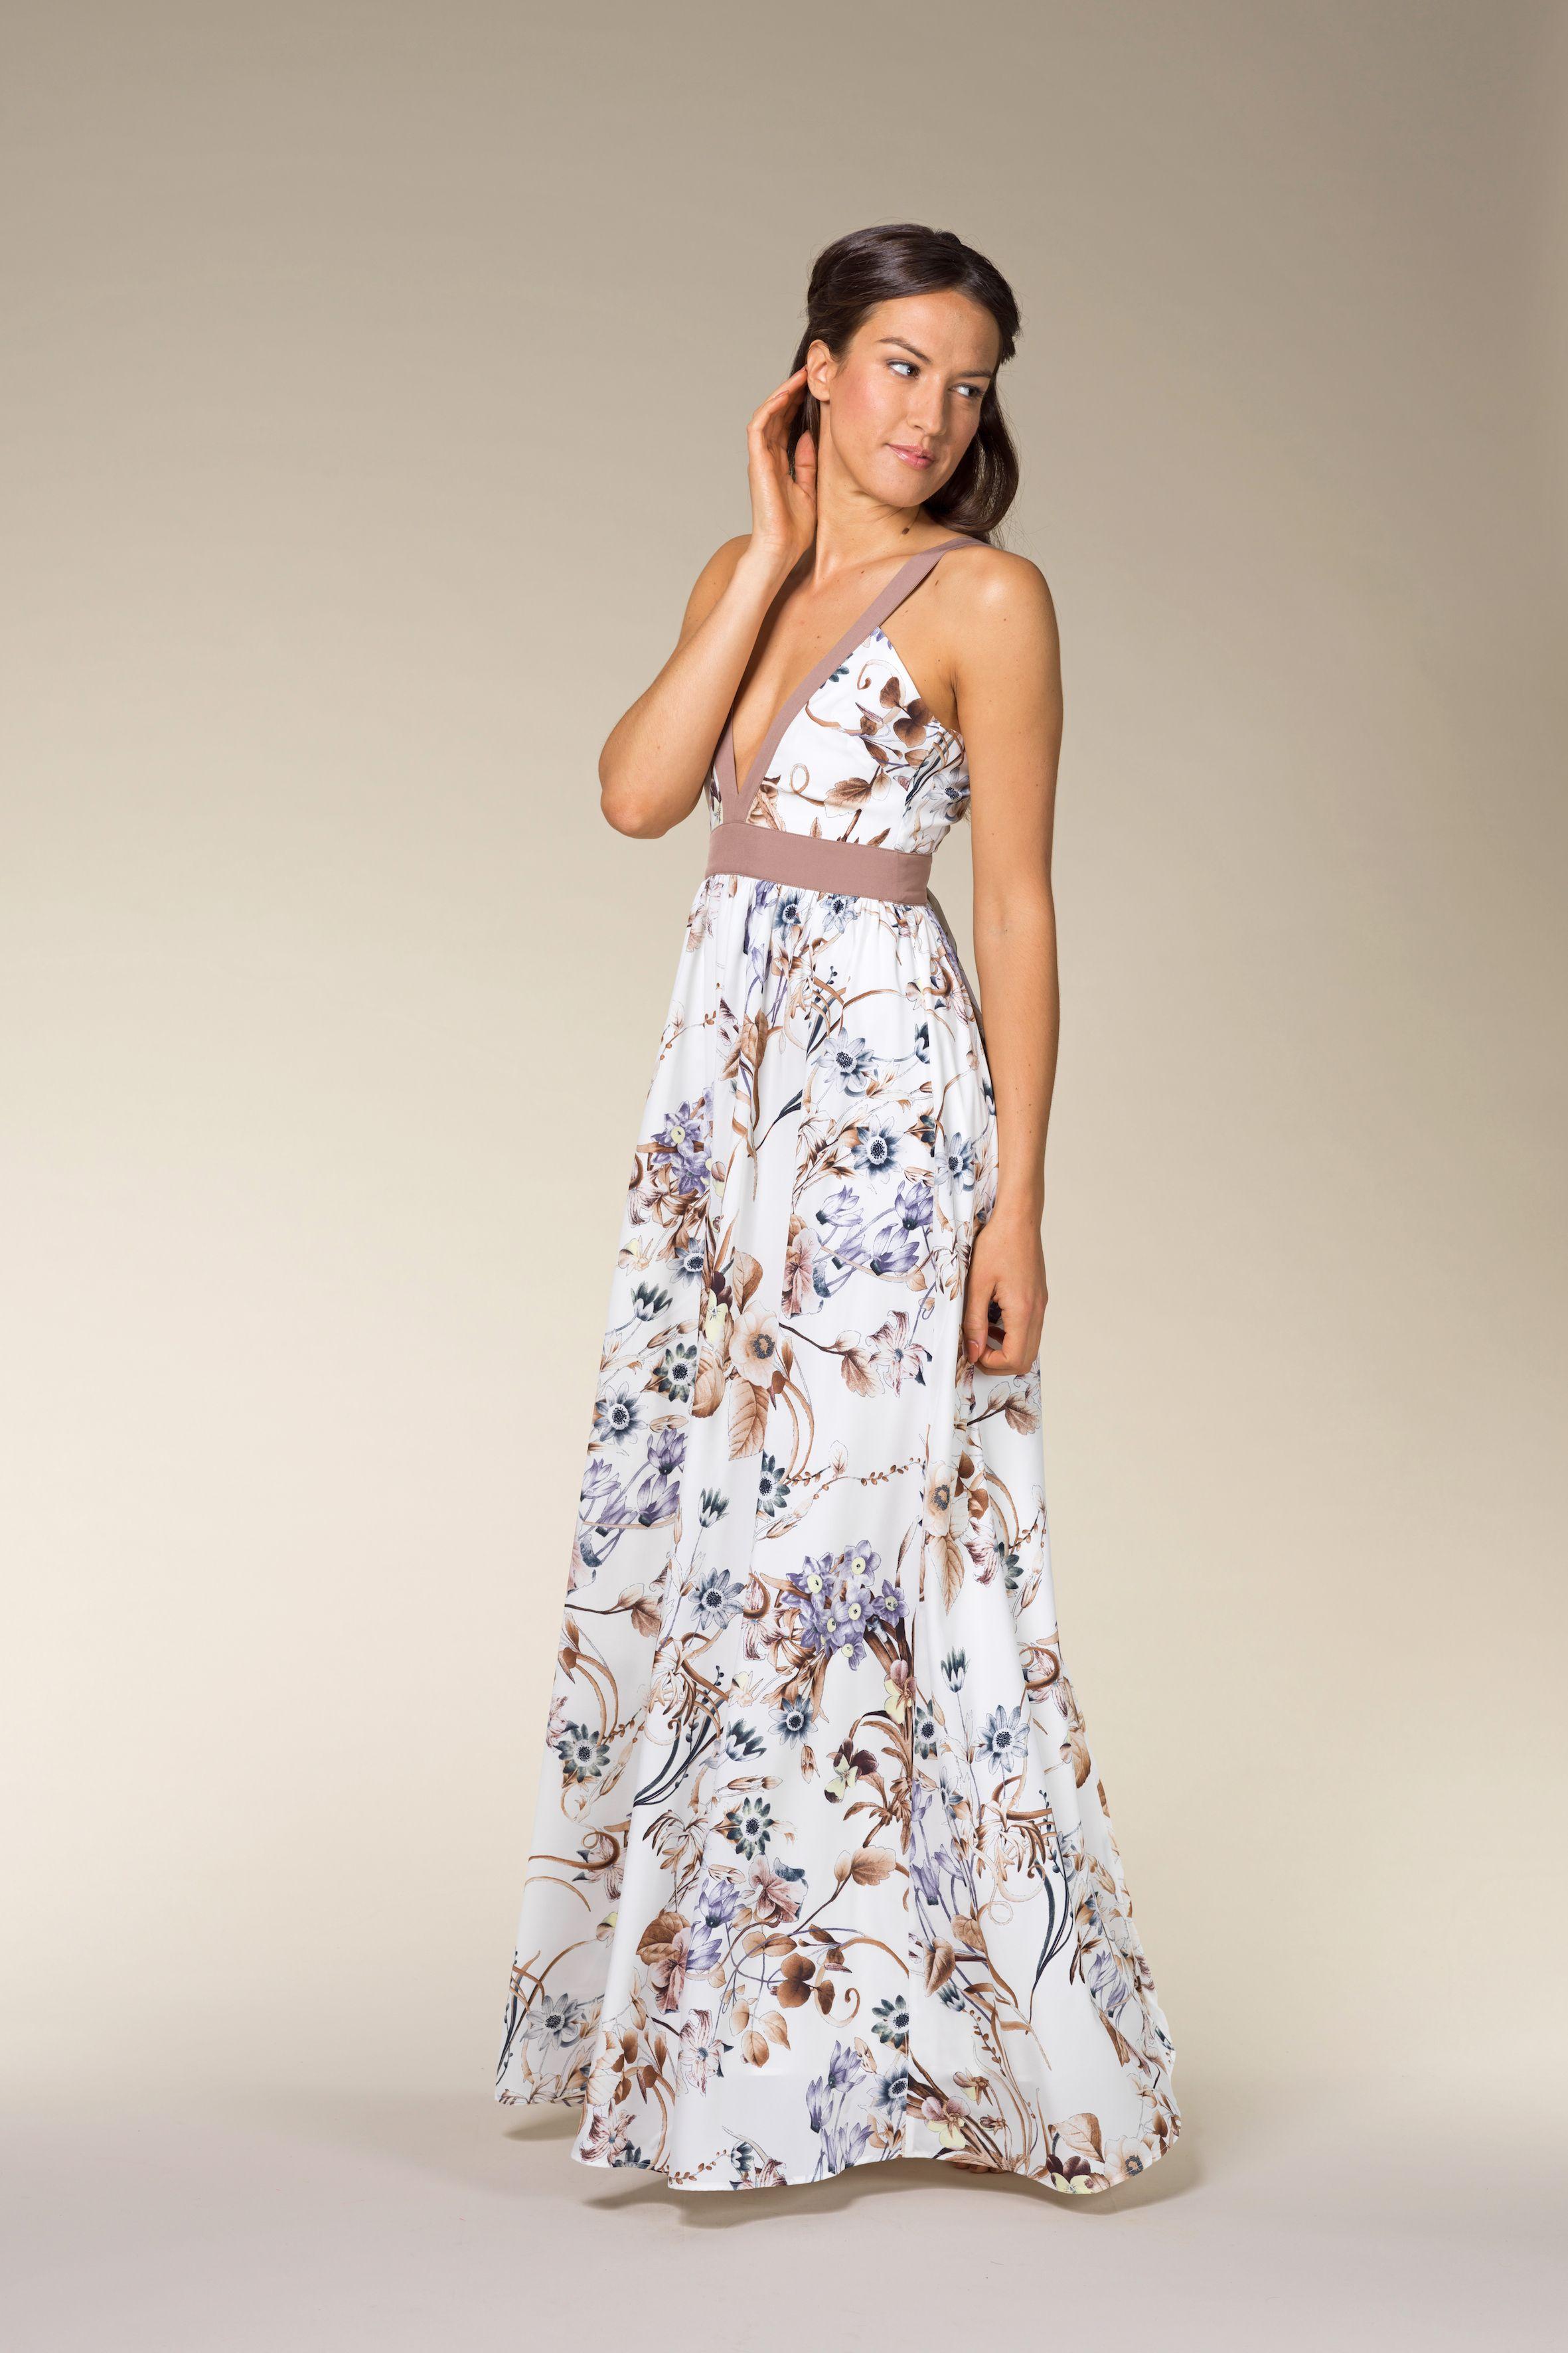 Victoria Floral Printed Maxi Dress Flower Maxi Dress Long Summer Dresses Maxi Dress [ 3544 x 2362 Pixel ]